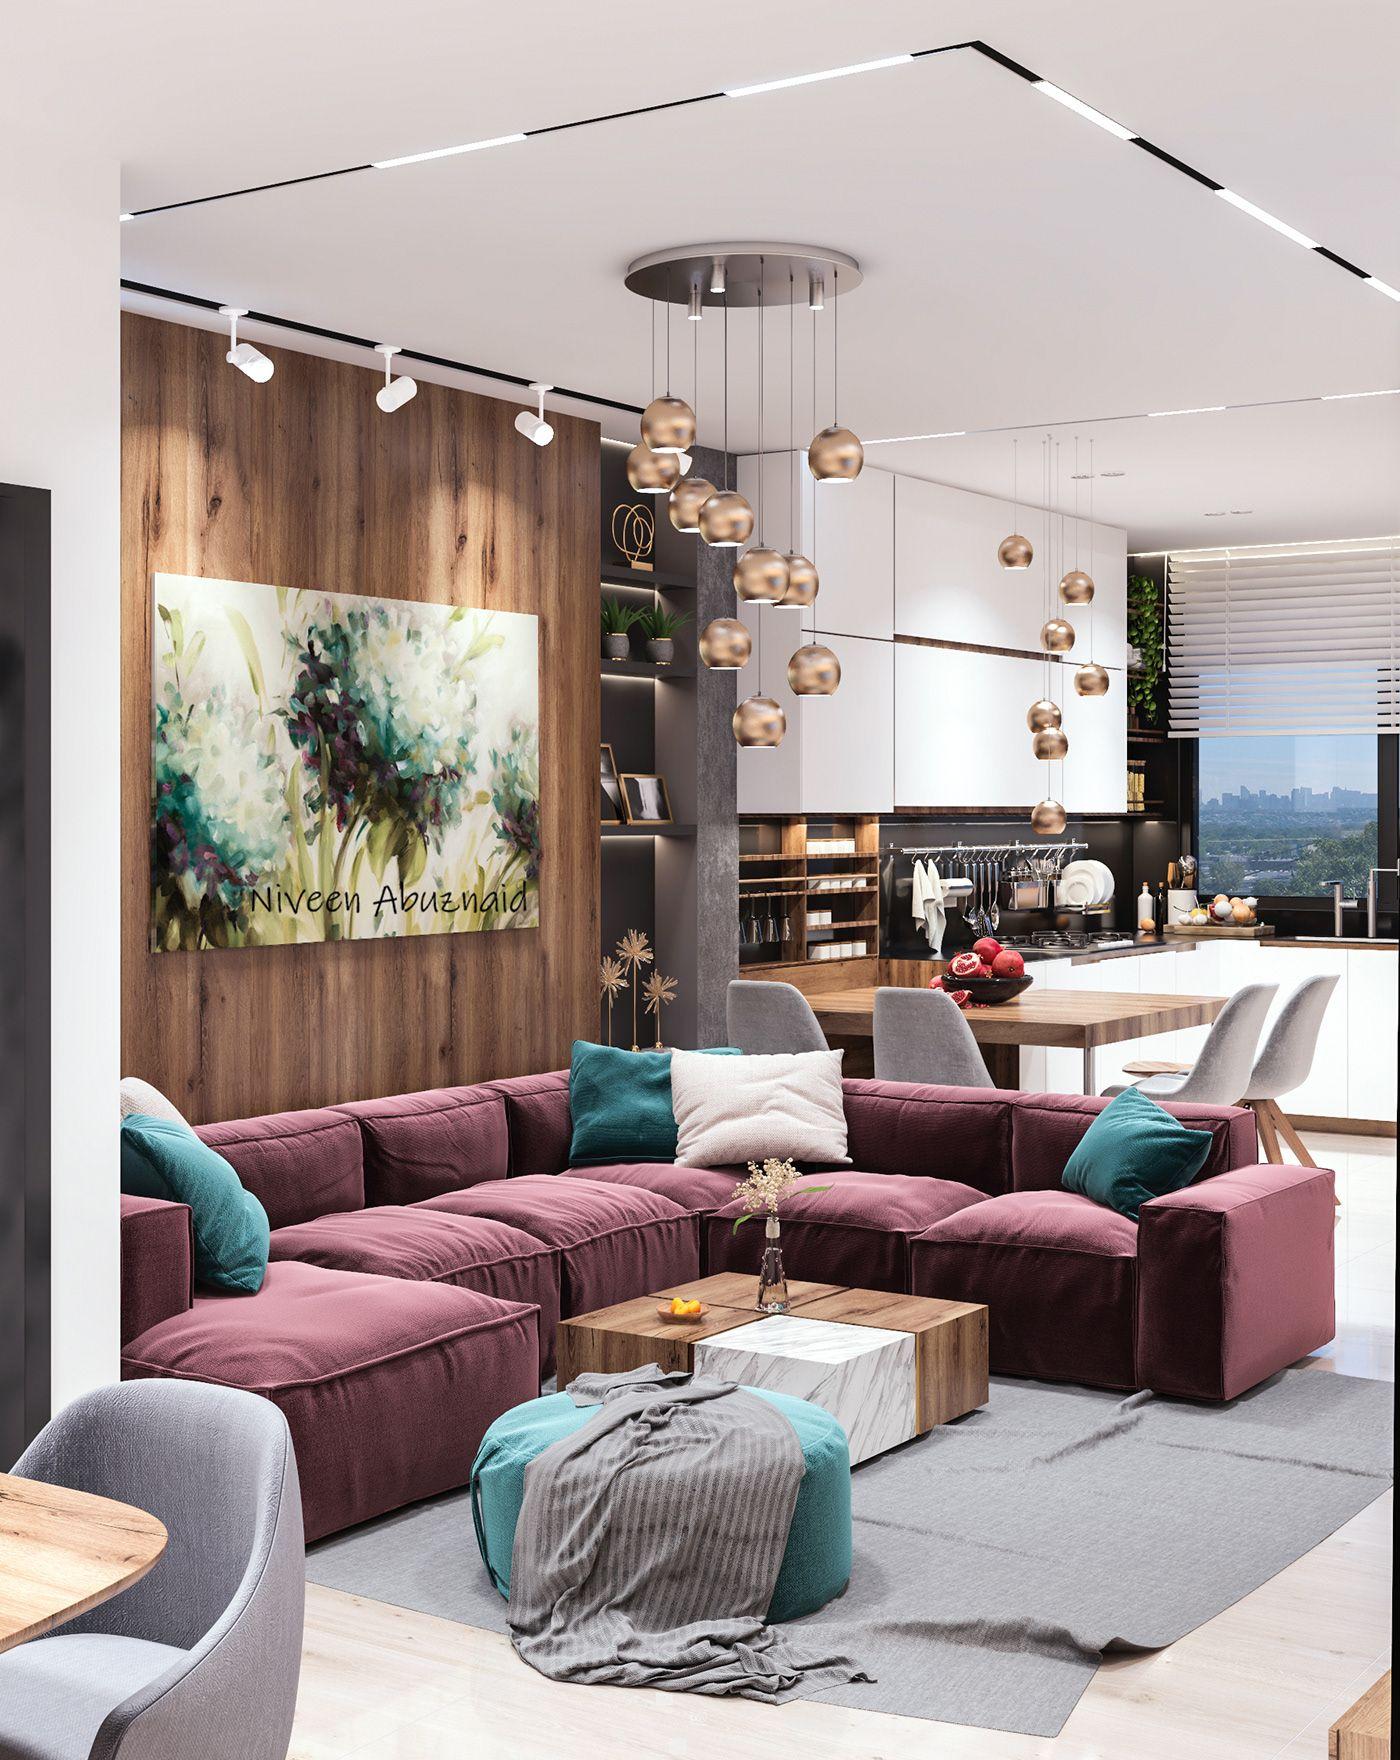 Amazing Sofa Color Light Blue Living Room Living Room Colors Living Room Color #pretty #colors #for #living #room